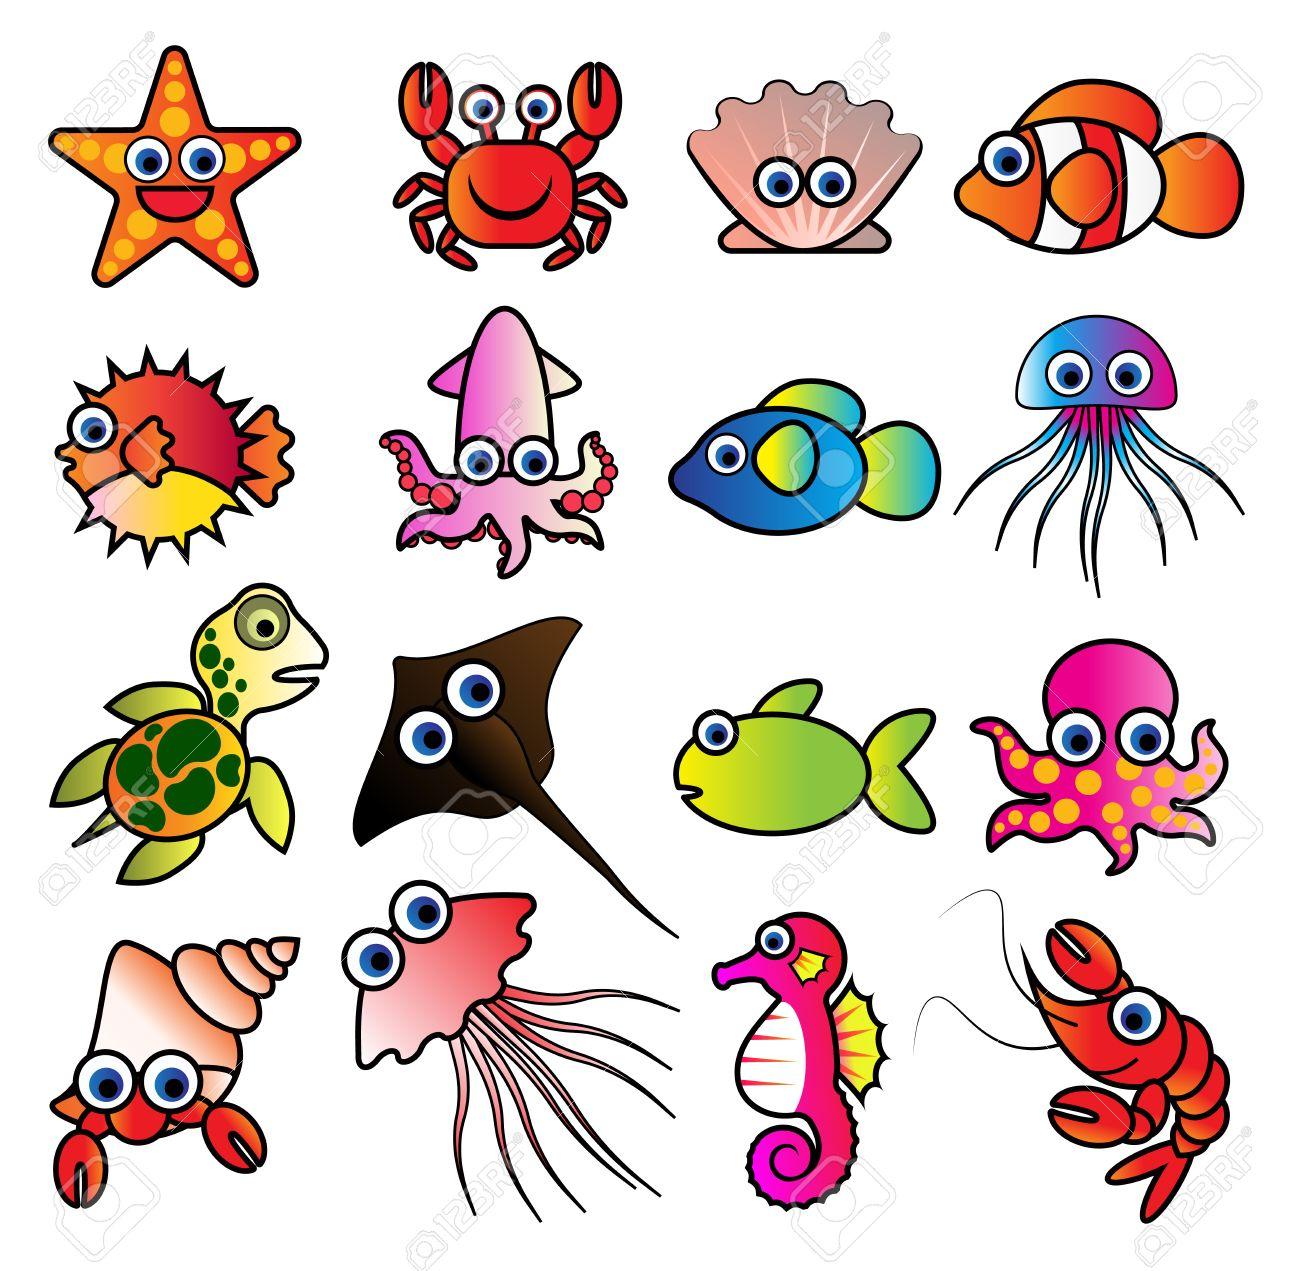 De Dibujos Animados De Animales Marinos, Animales Acuáticos Lindo ...